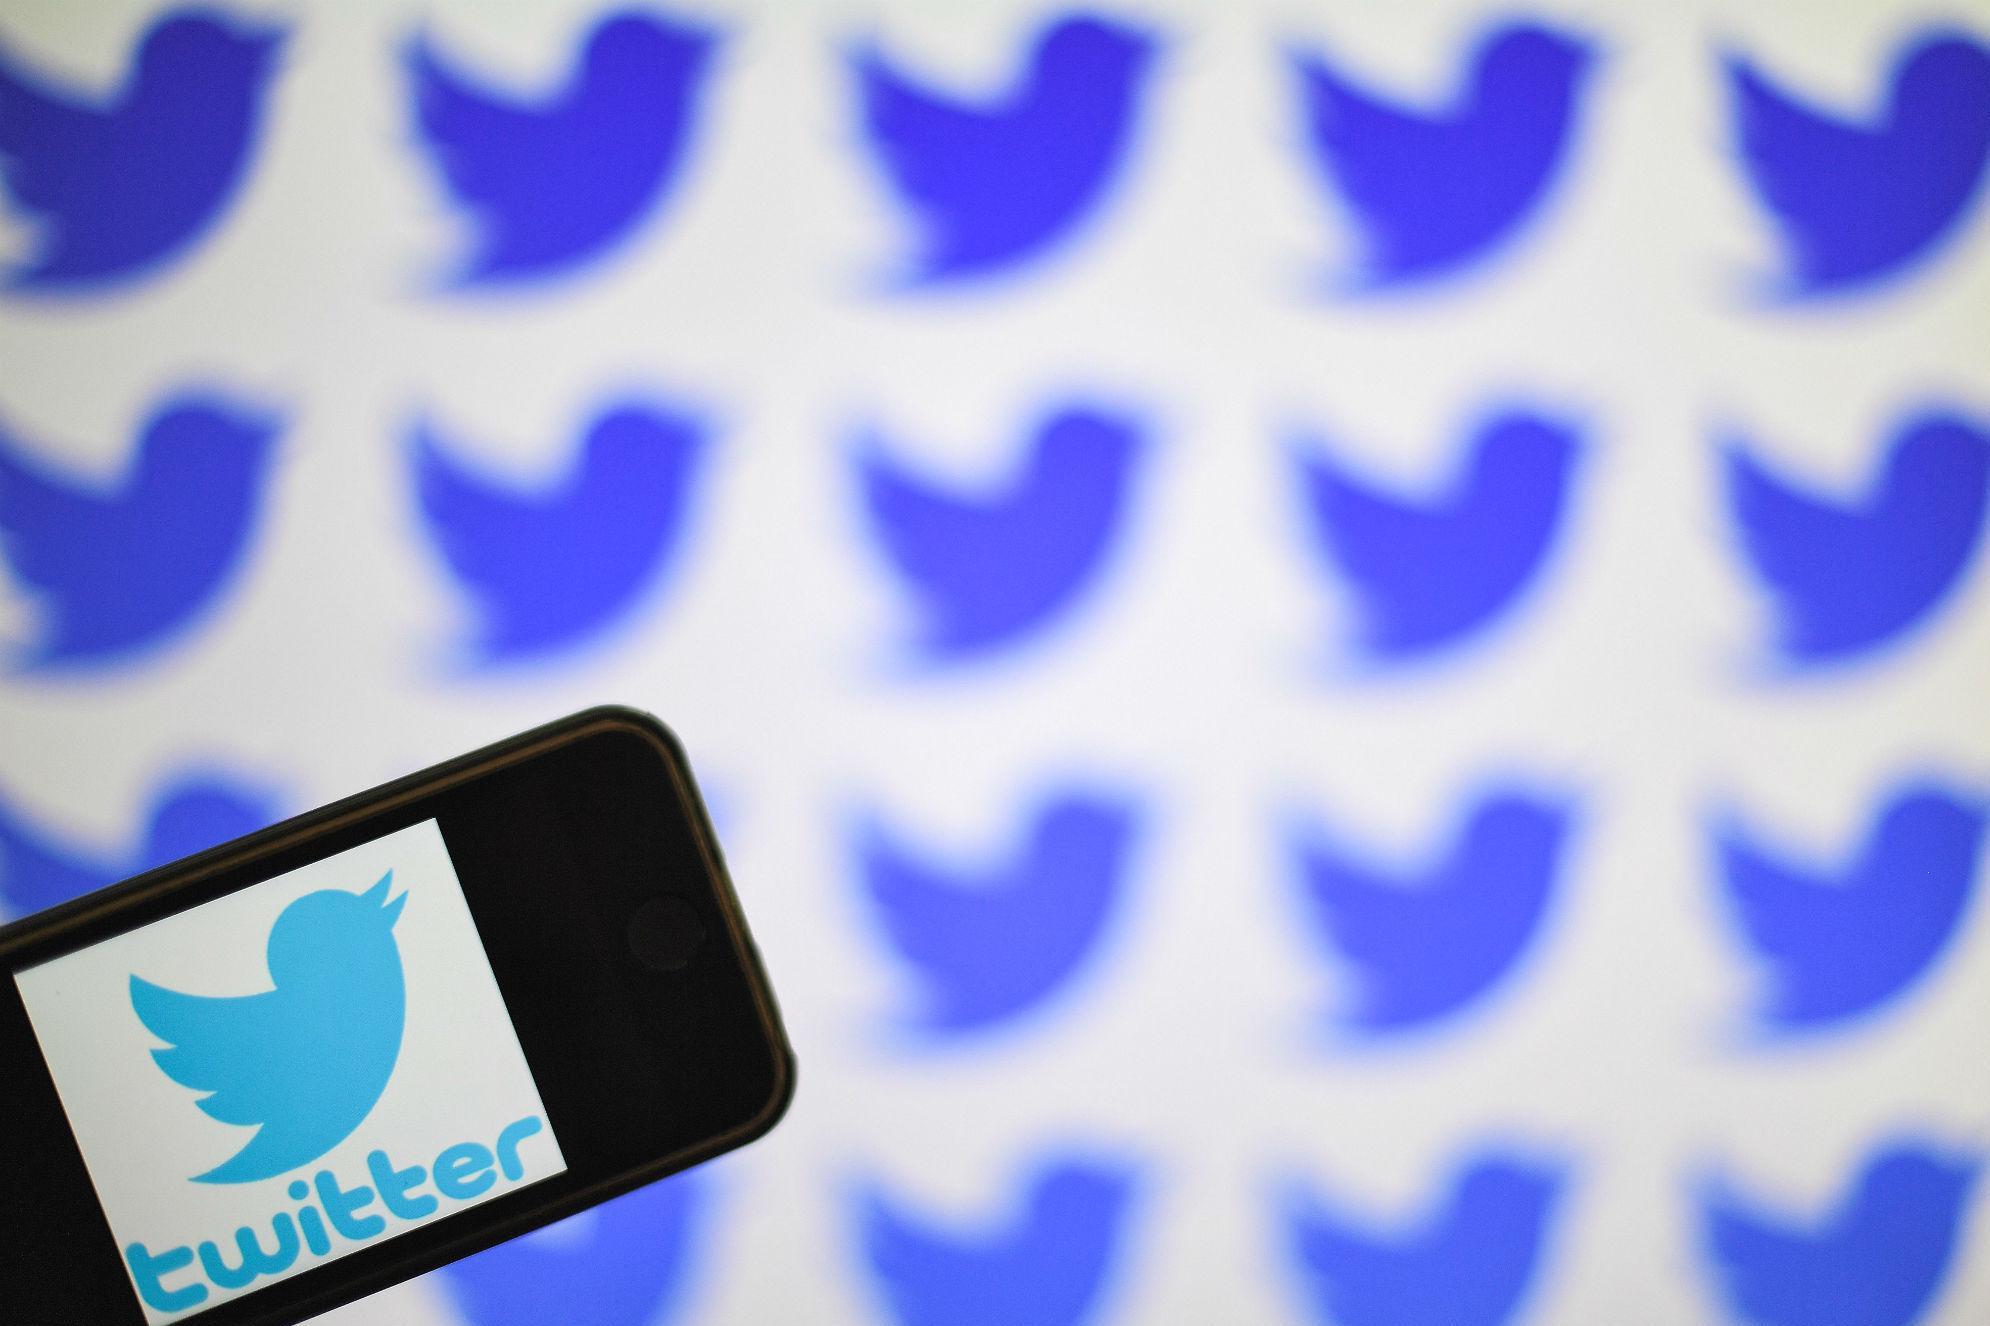 """推特推出""""Twitter Blu""""付费服务功能"""